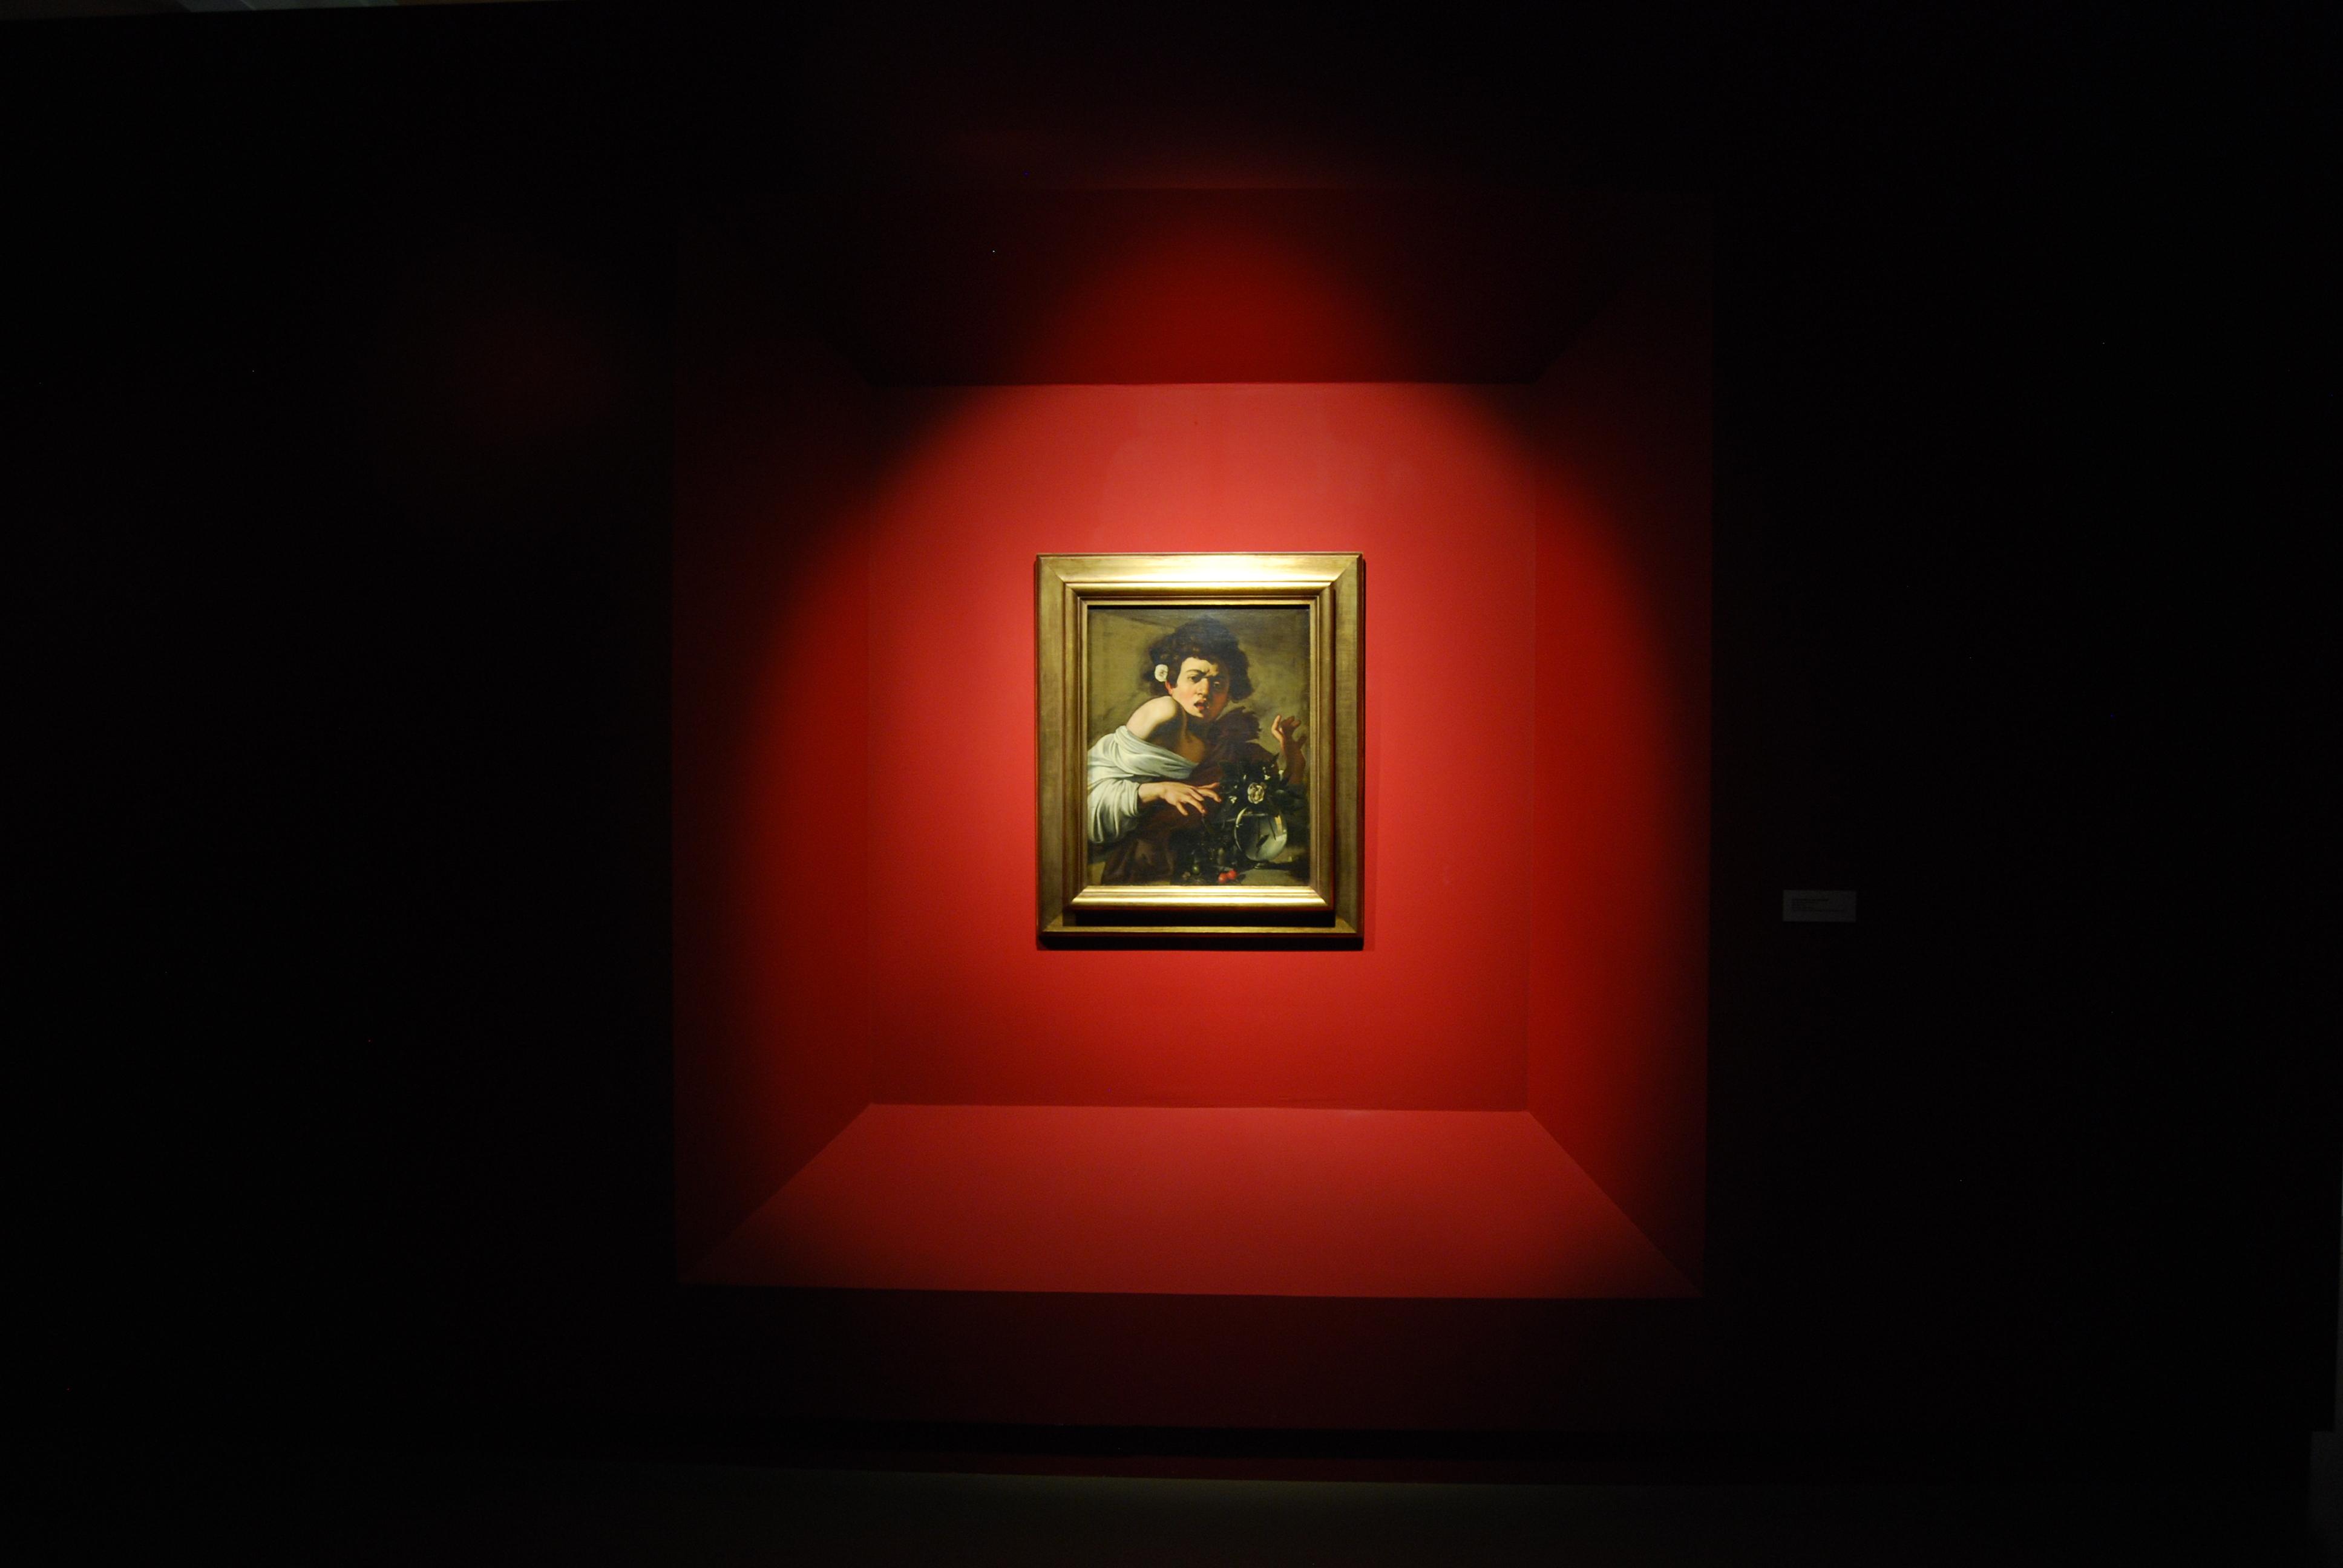 Michelangelo Merisi detto Il Caravaggio, Ragazzo morso da un ramarro 1595-6 circa, olio su tela